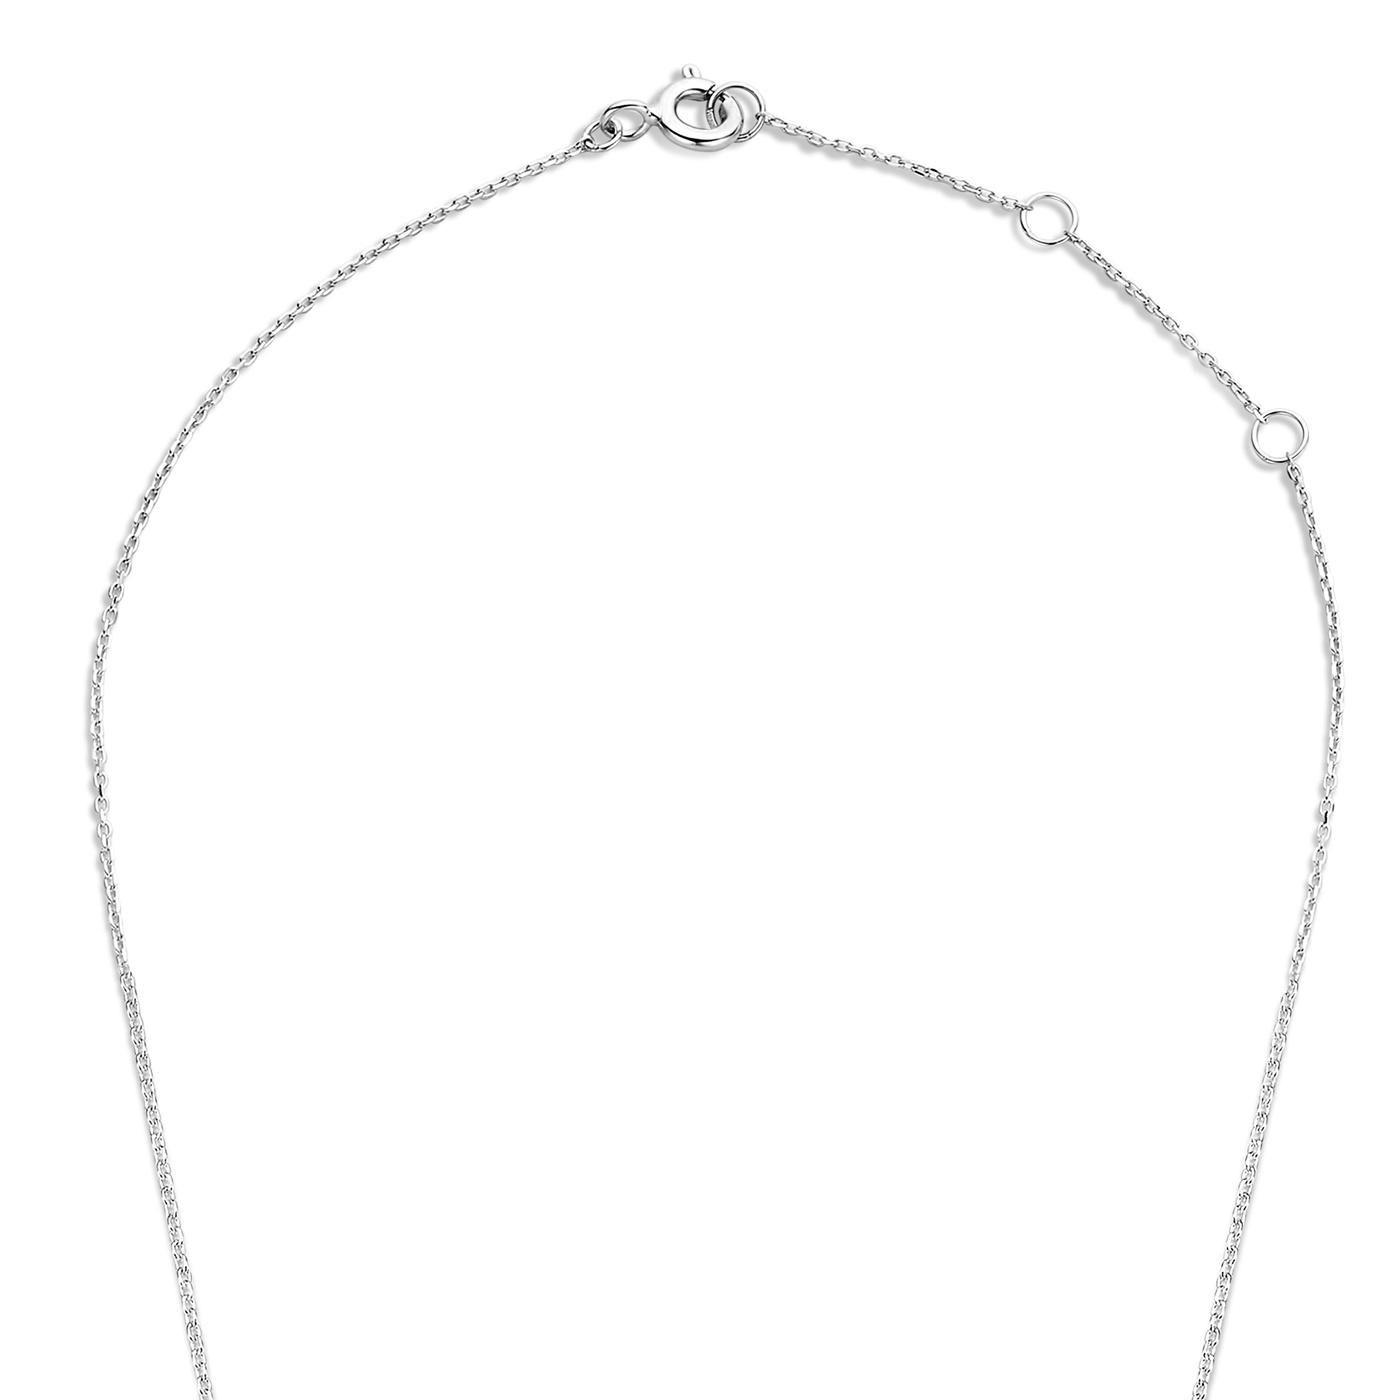 Isabel Bernard Saint Germain Hélione 14 karat hvidguld halskæde